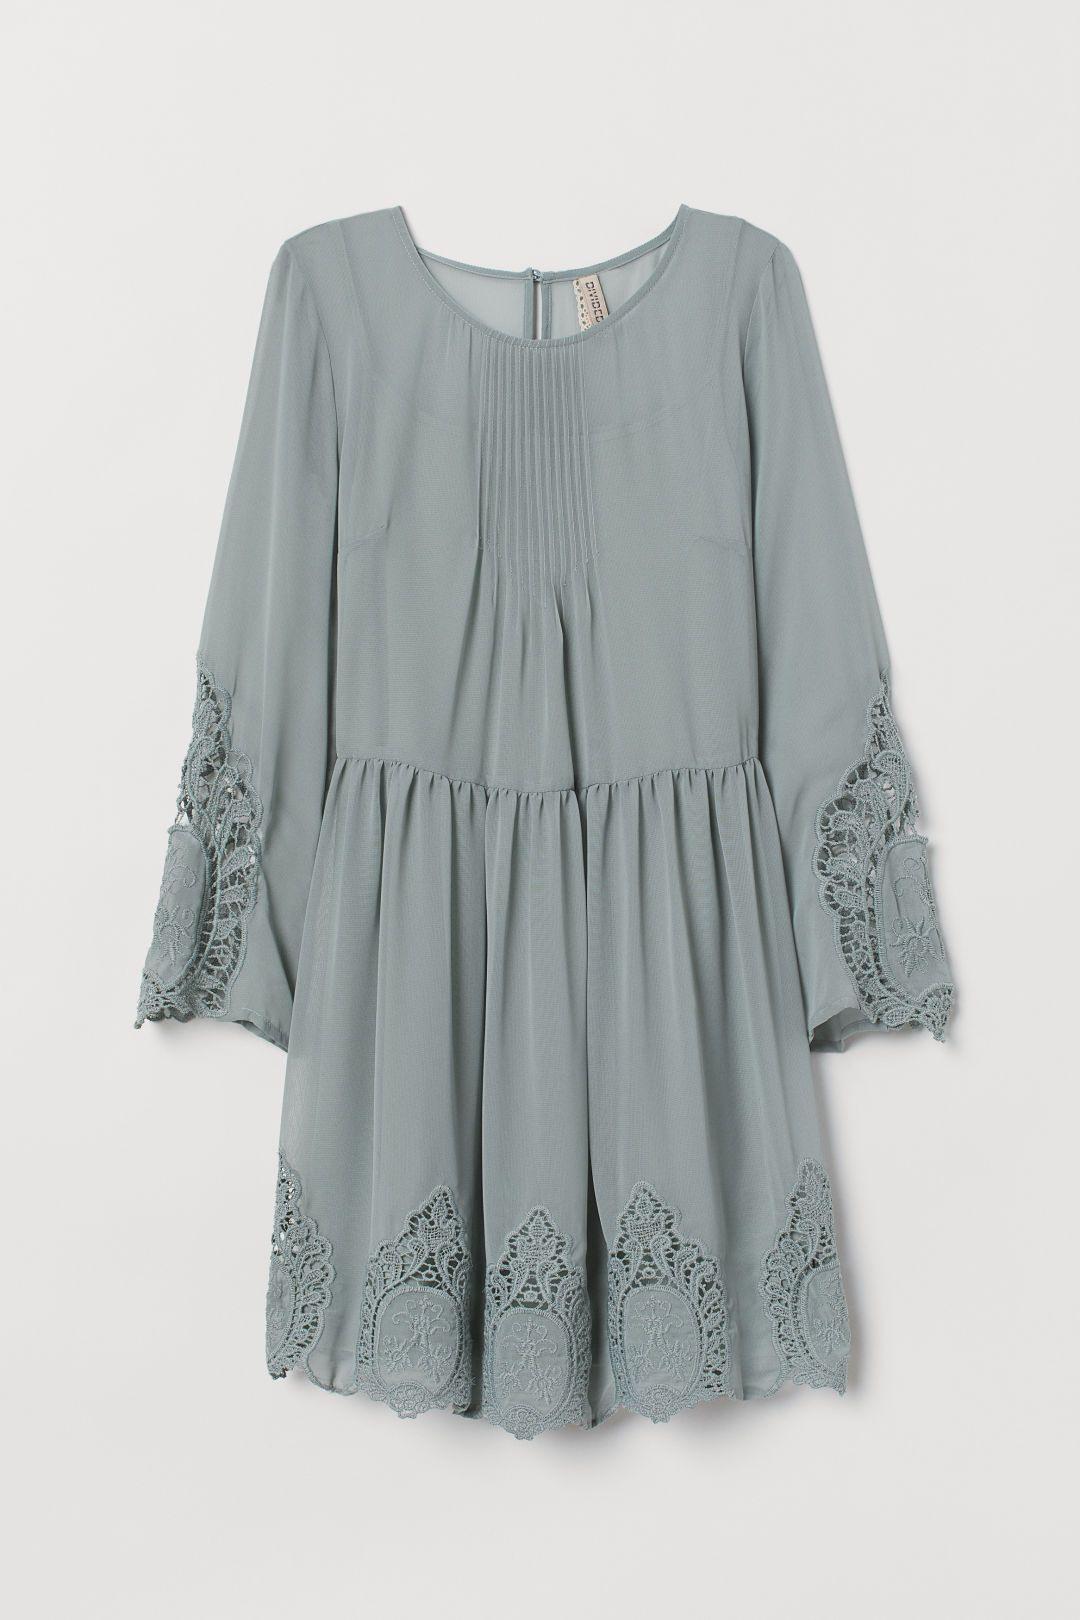 Kleid Mit Spitze  Kleid Spitze Kleider Lässige